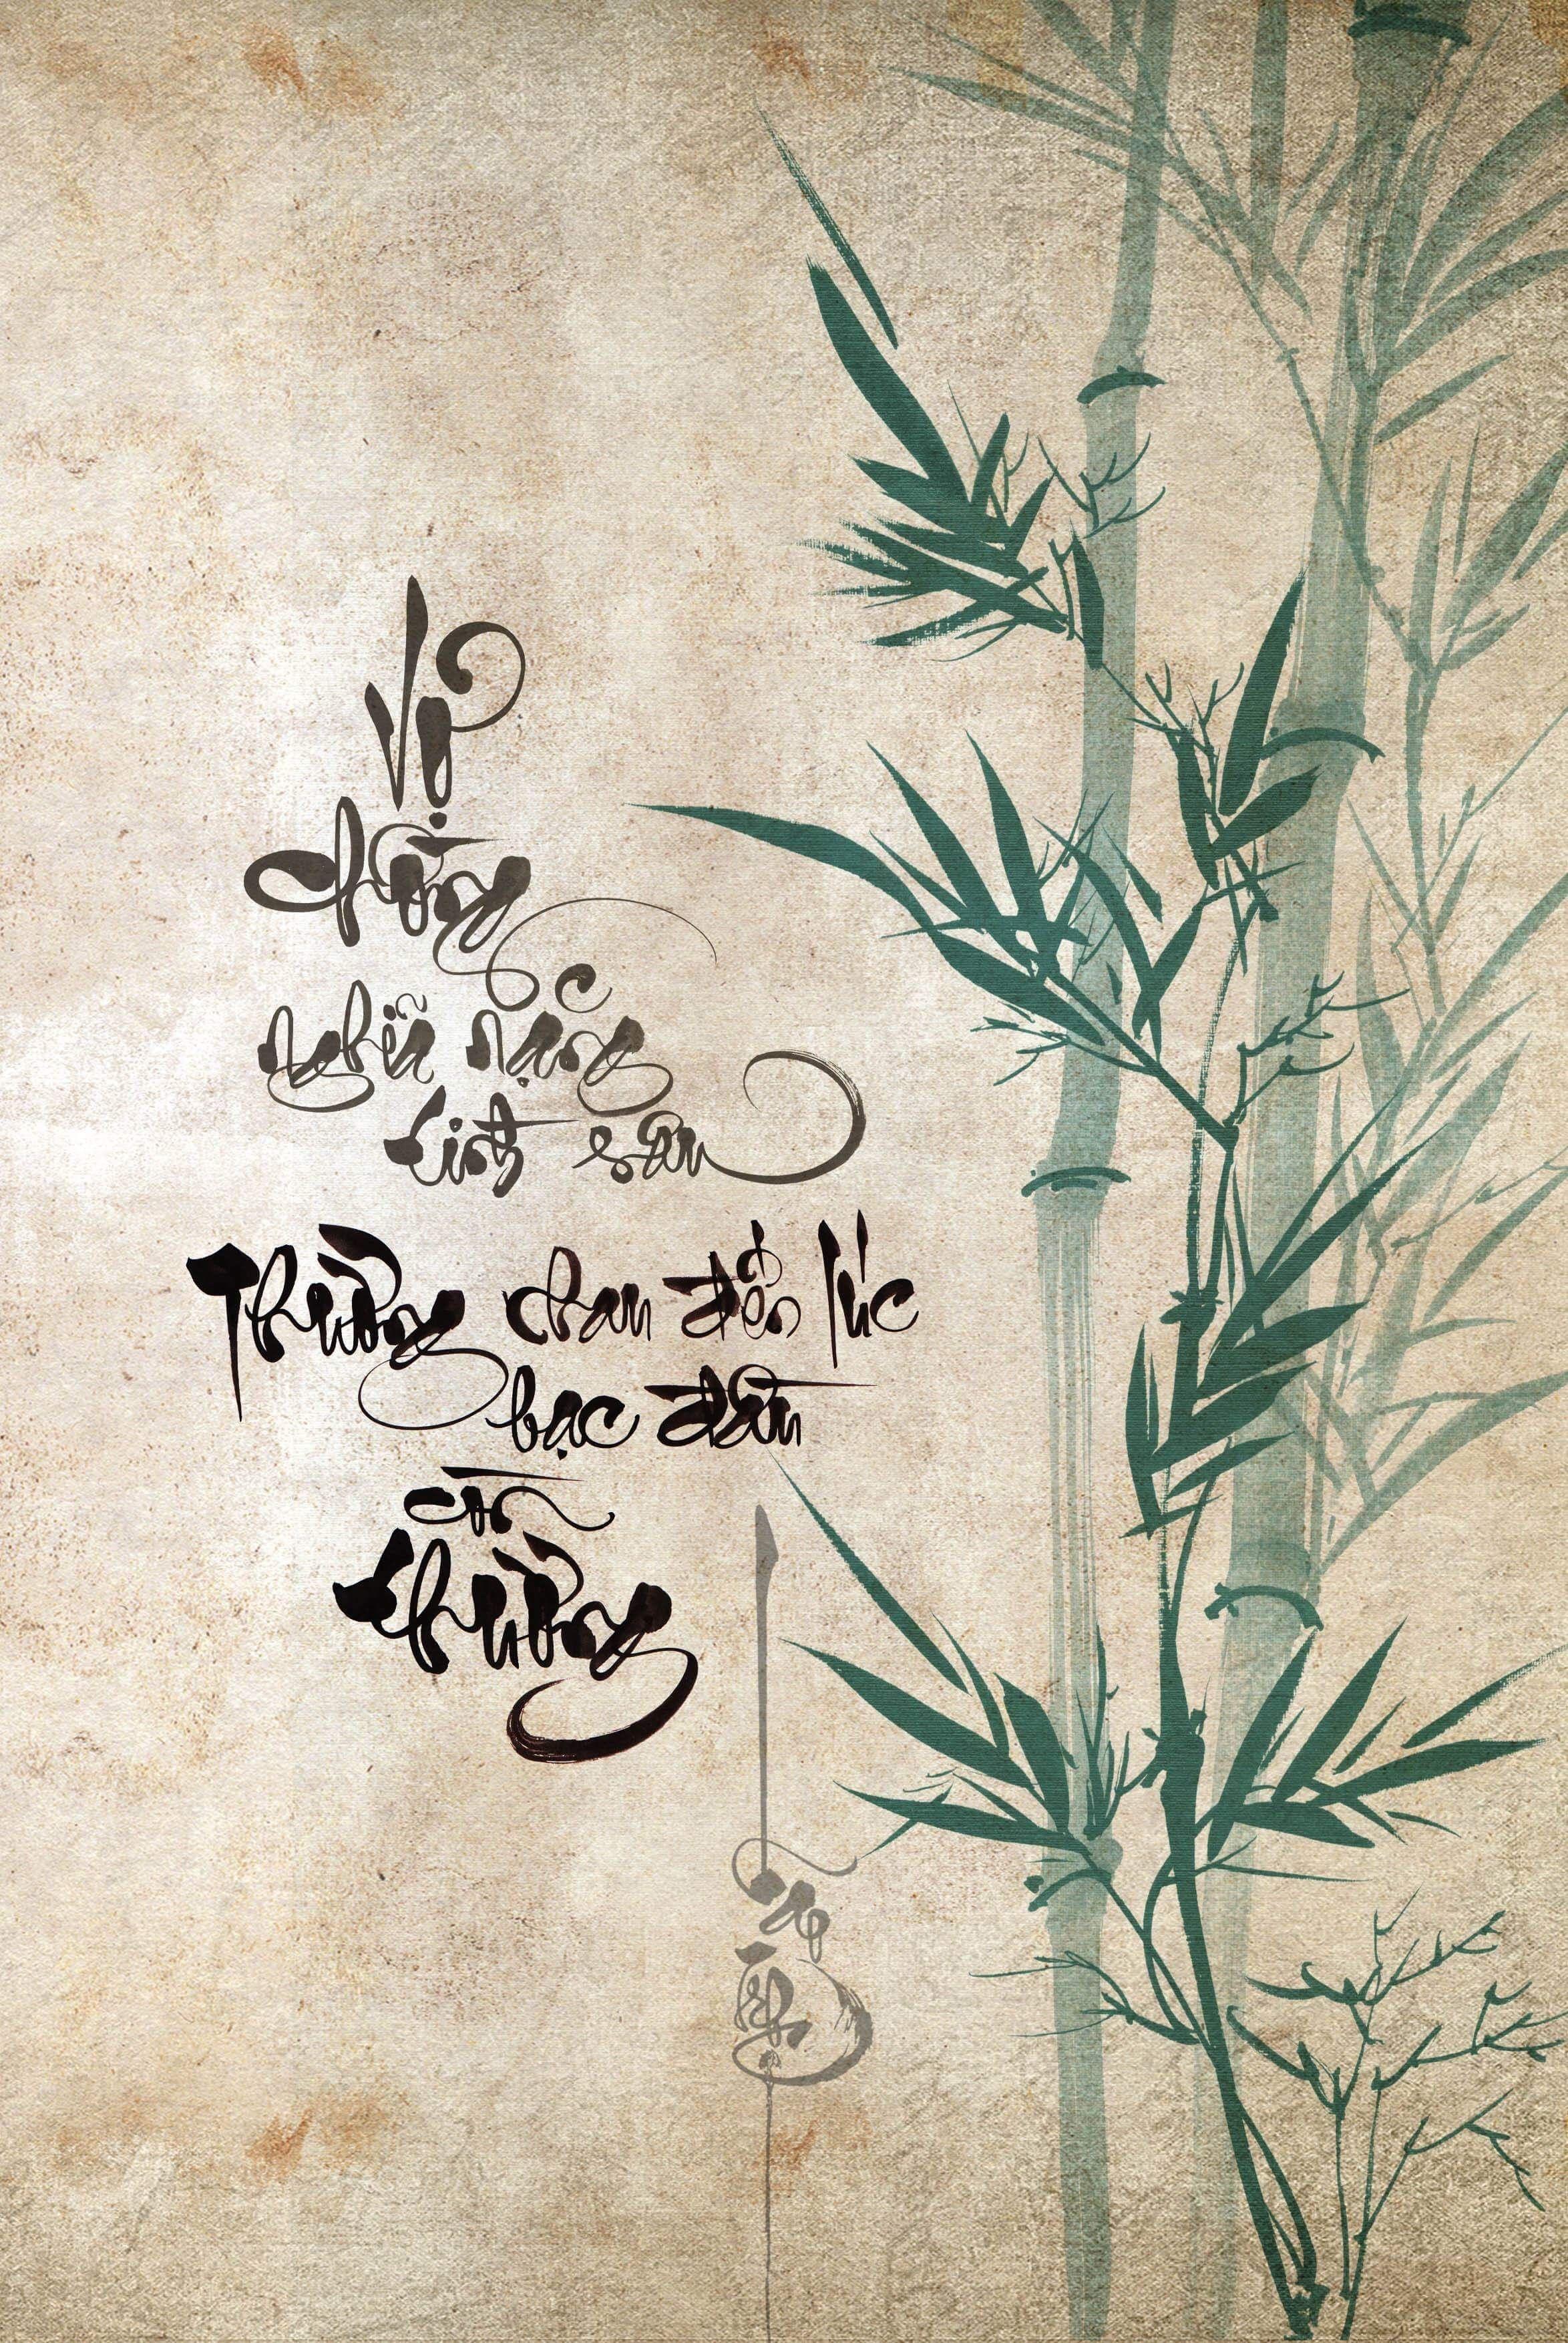 Do many Vietnamese people enjoy calligraphy? - Quora